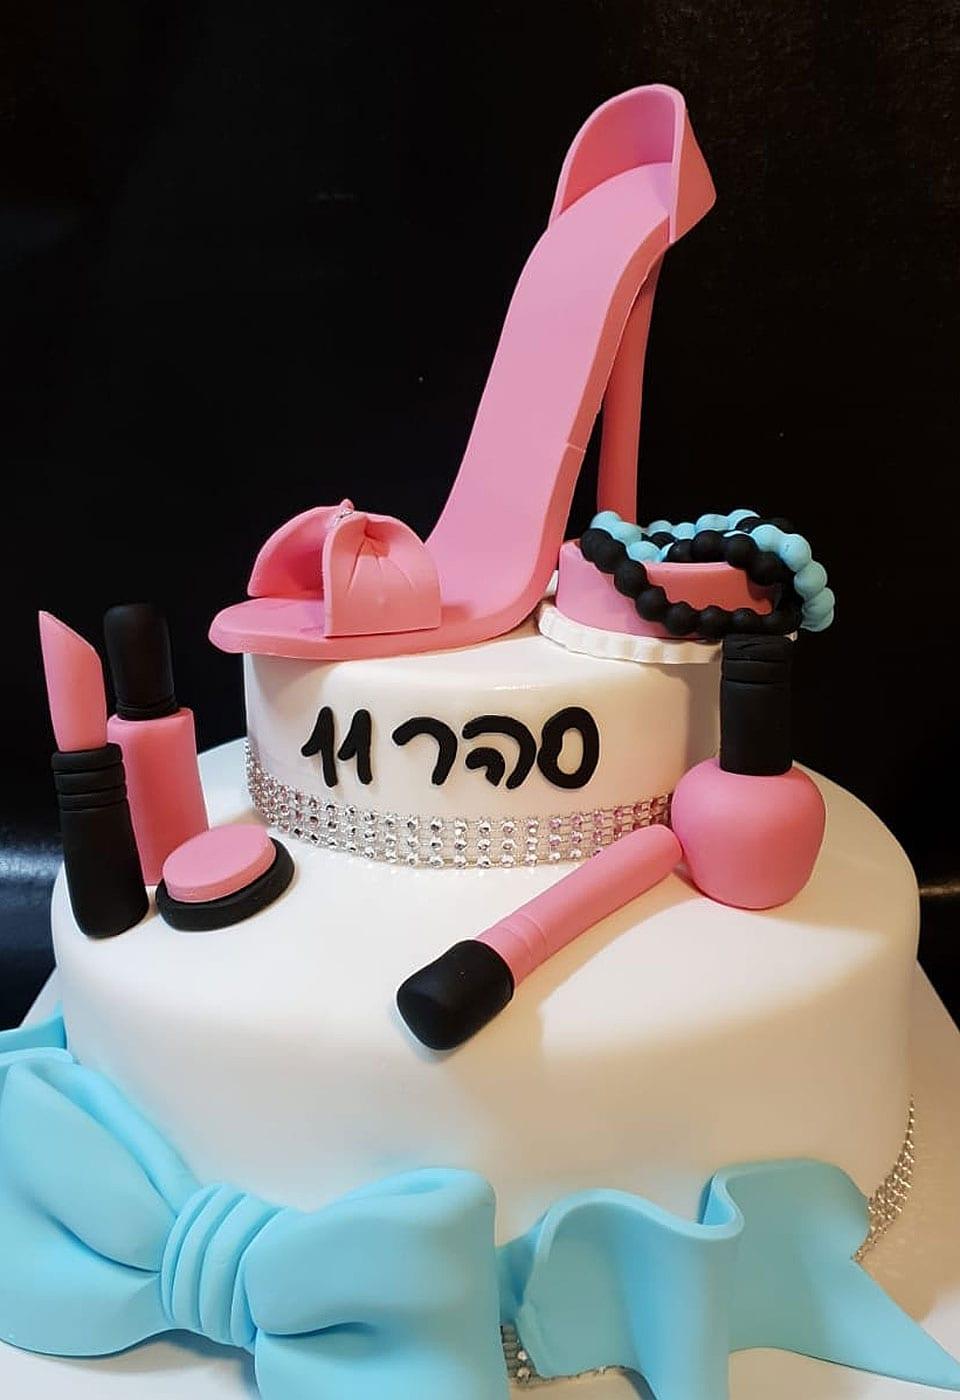 עוגת יום הולדת ספא סהר